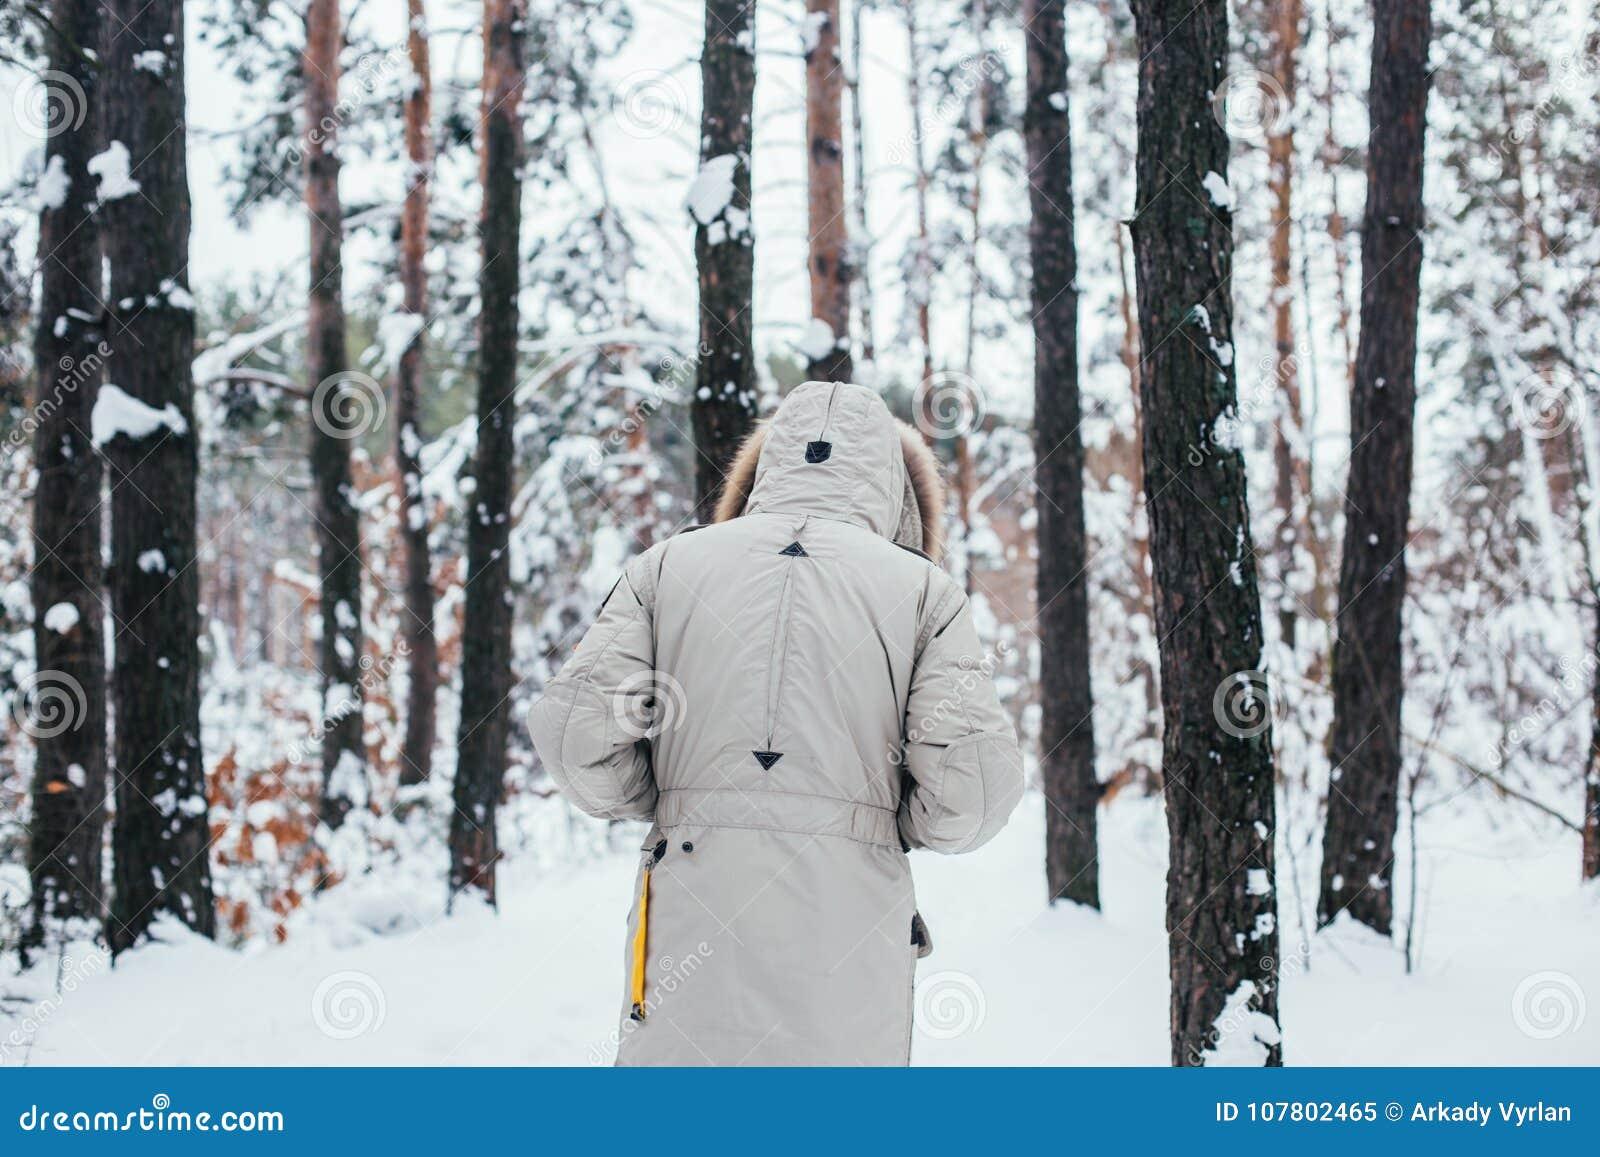 Del En Bosque Detrás Paseo Invierno La Hombre Abrigo De dnBOPH